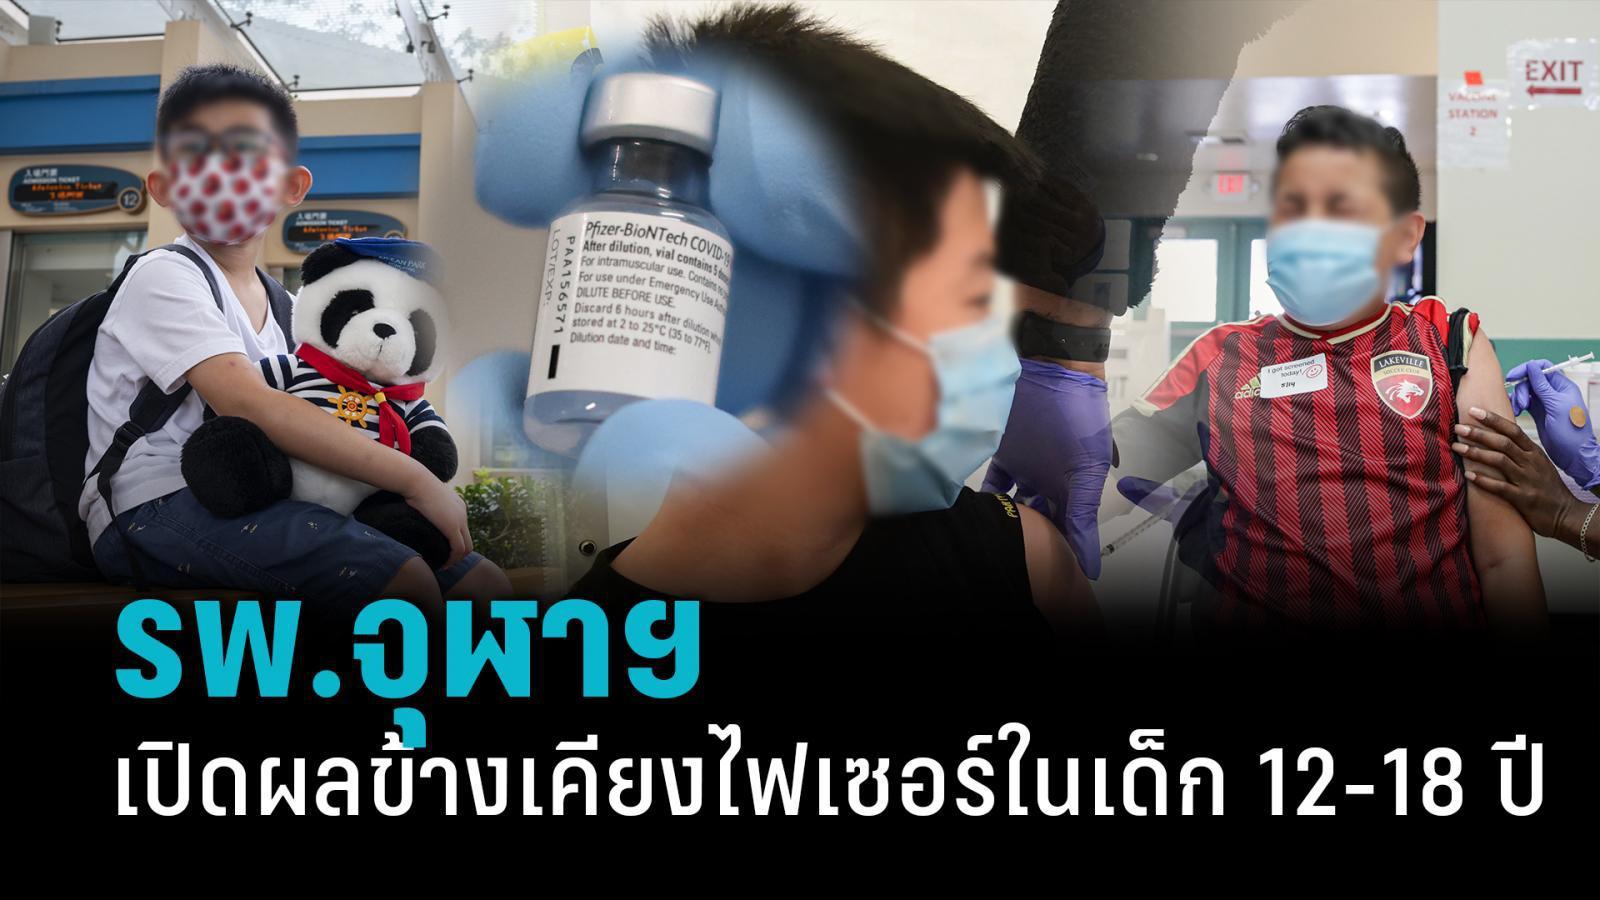 รพ.จุฬาฯ สภากาชาดไทย เปิดผลข้างเคียงวัคซีน ไฟเซอร์ ในเด็ก 12-18 ปี